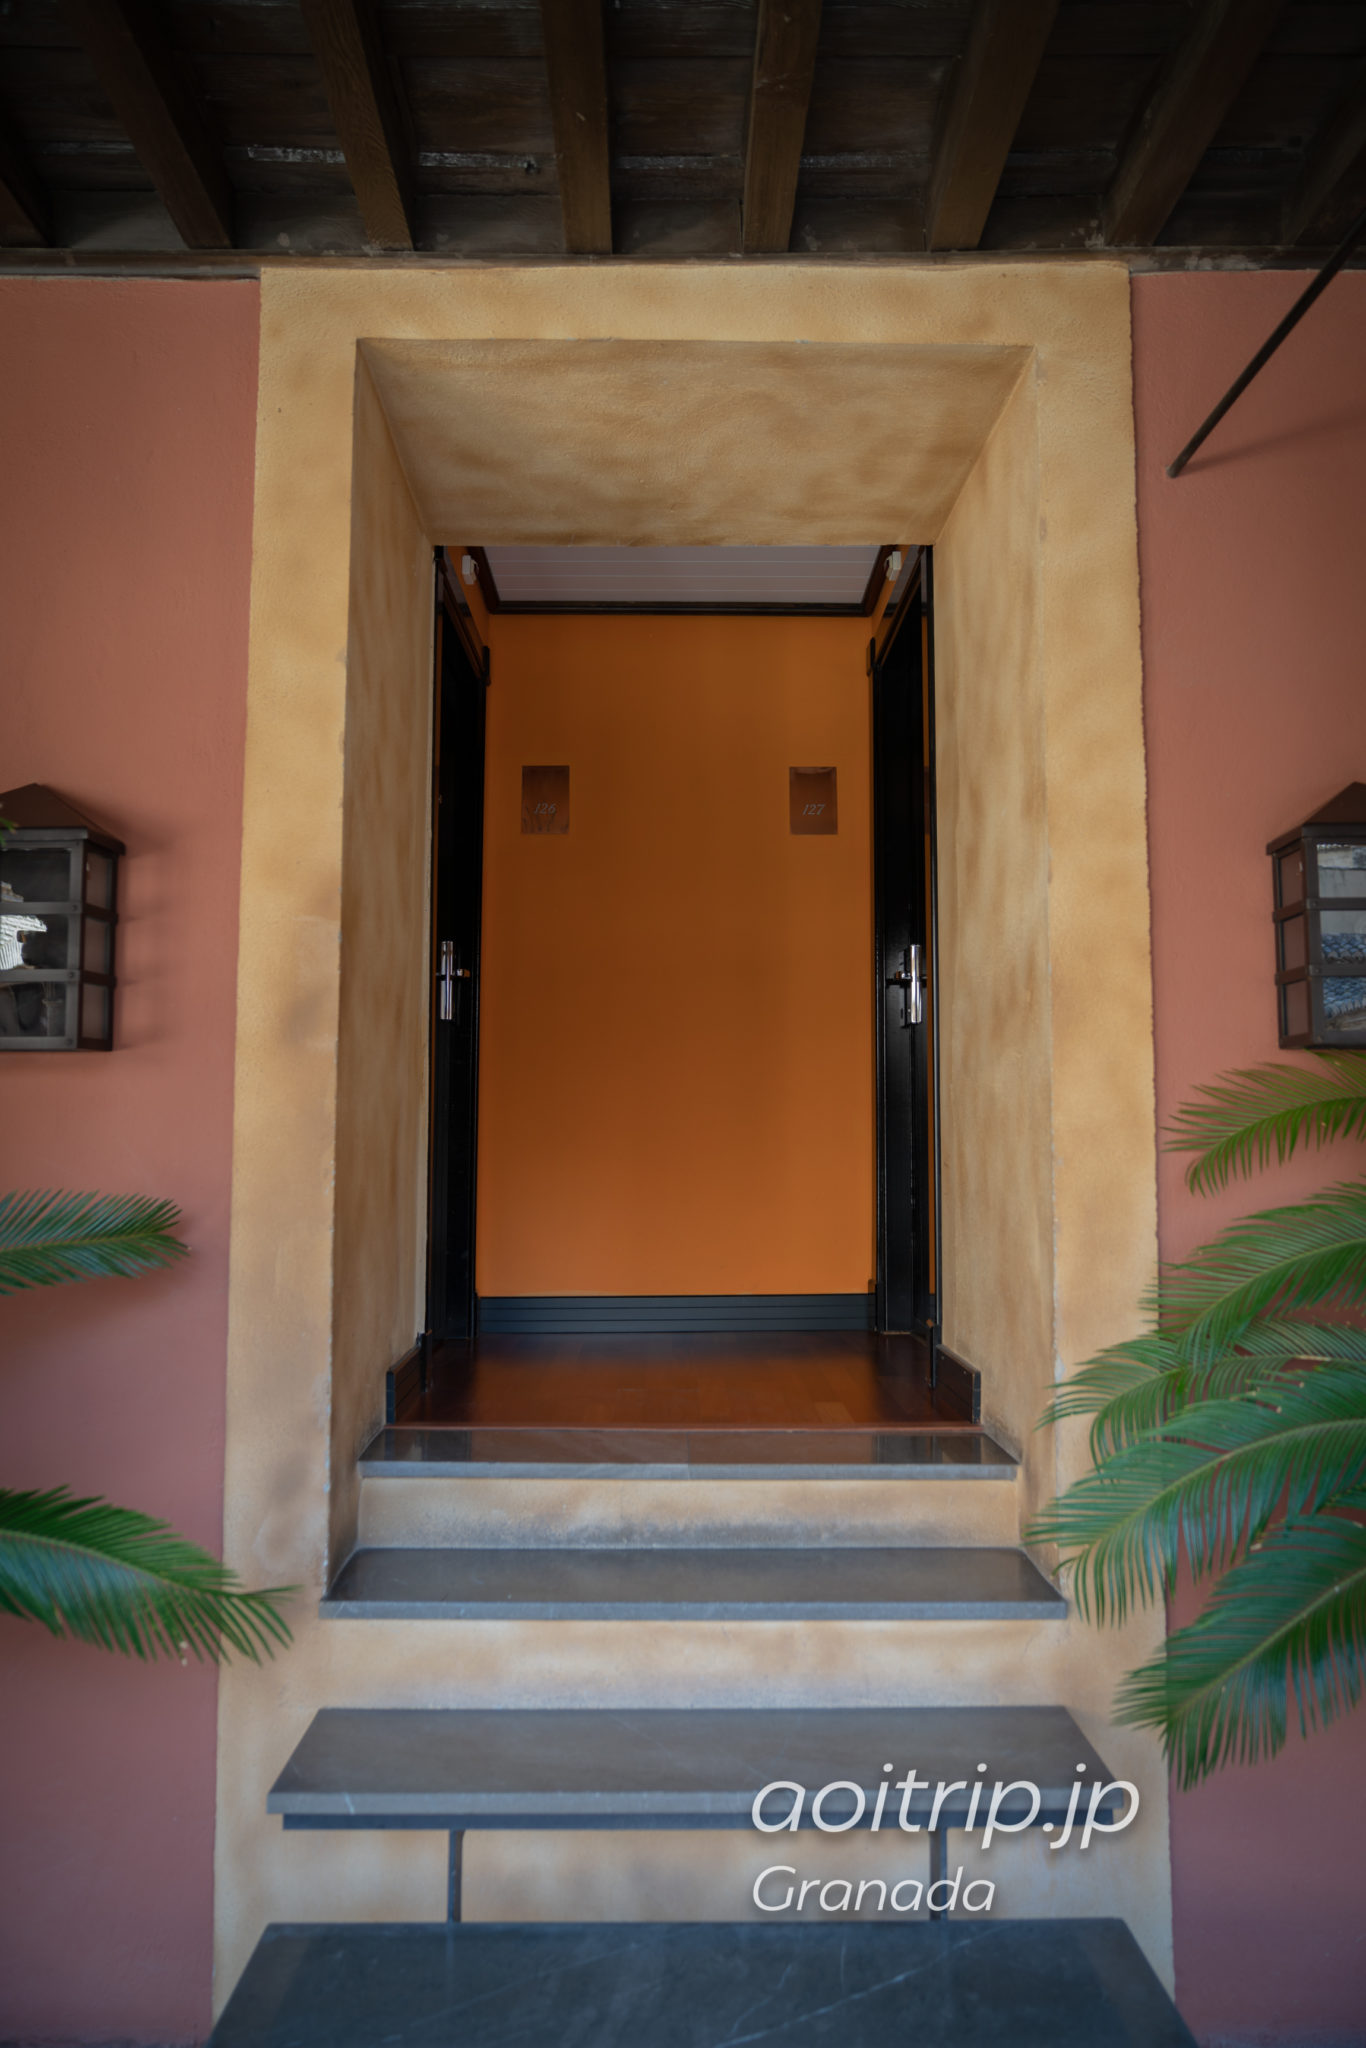 ホテル パラシオ デ サンタ パウラ グラナダ パティオに面する客室の入り口